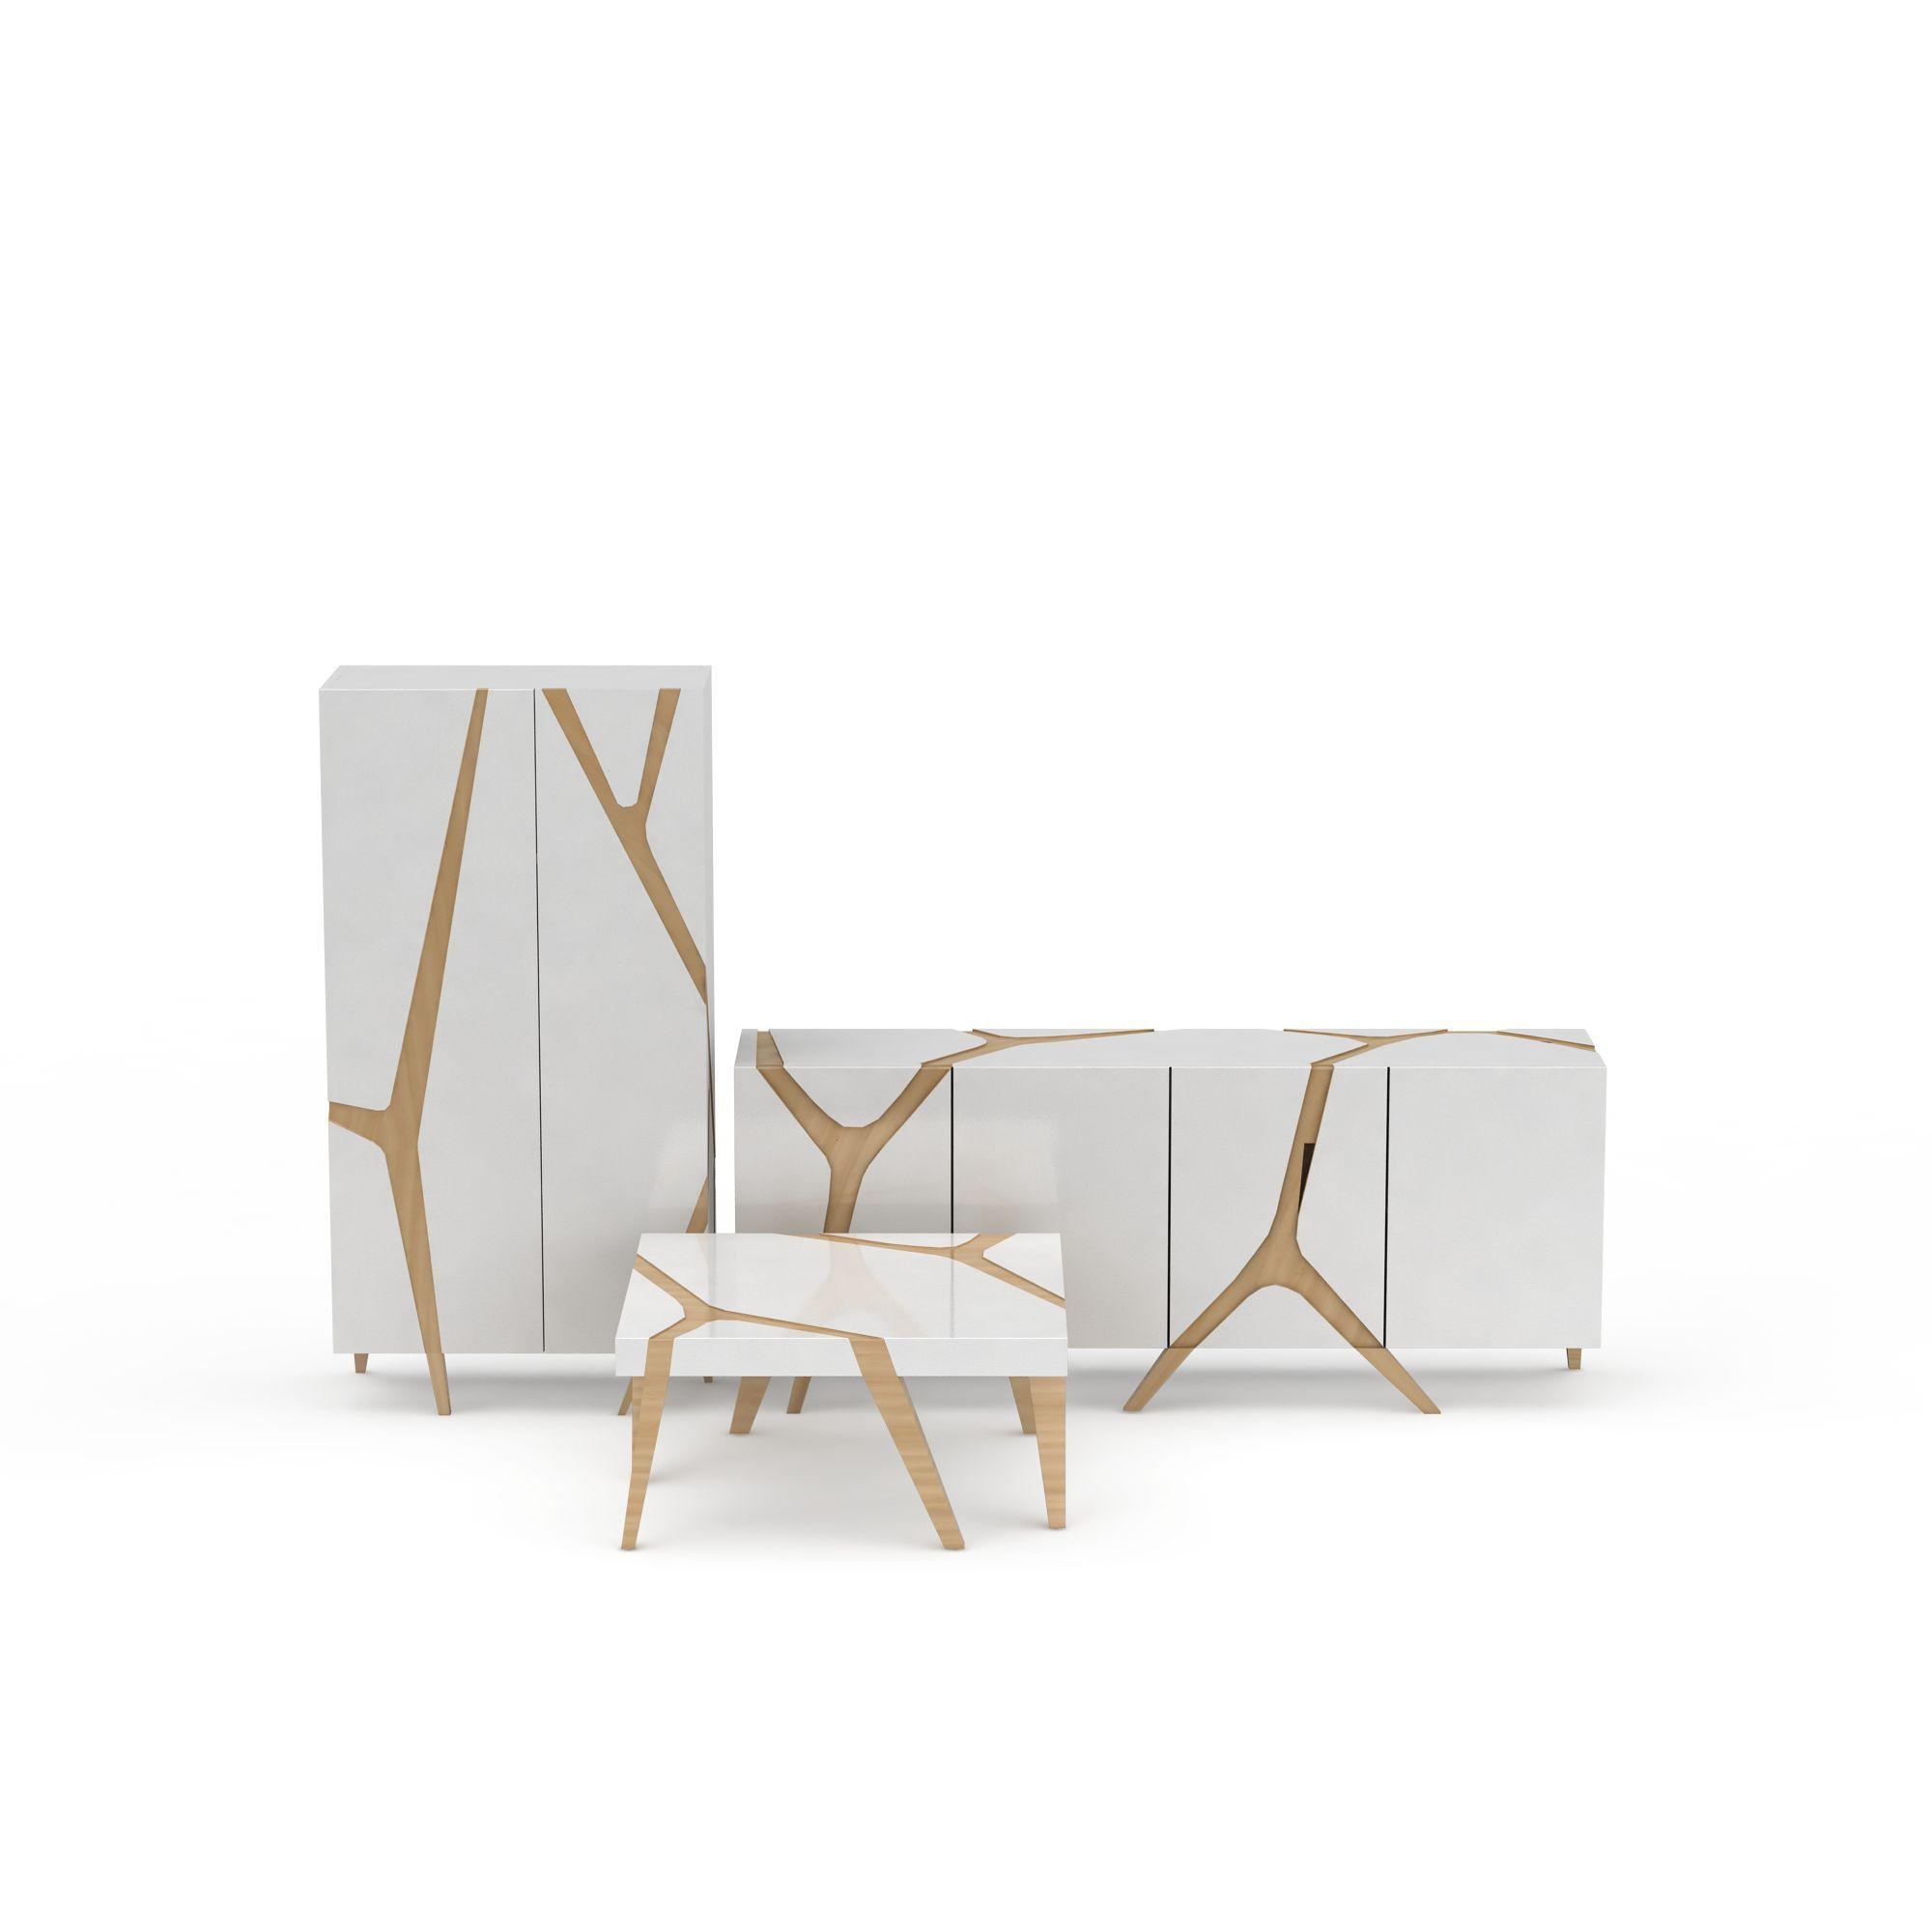 家具组合 其它 现代家具组合3d模型 现代家具组合png高清图